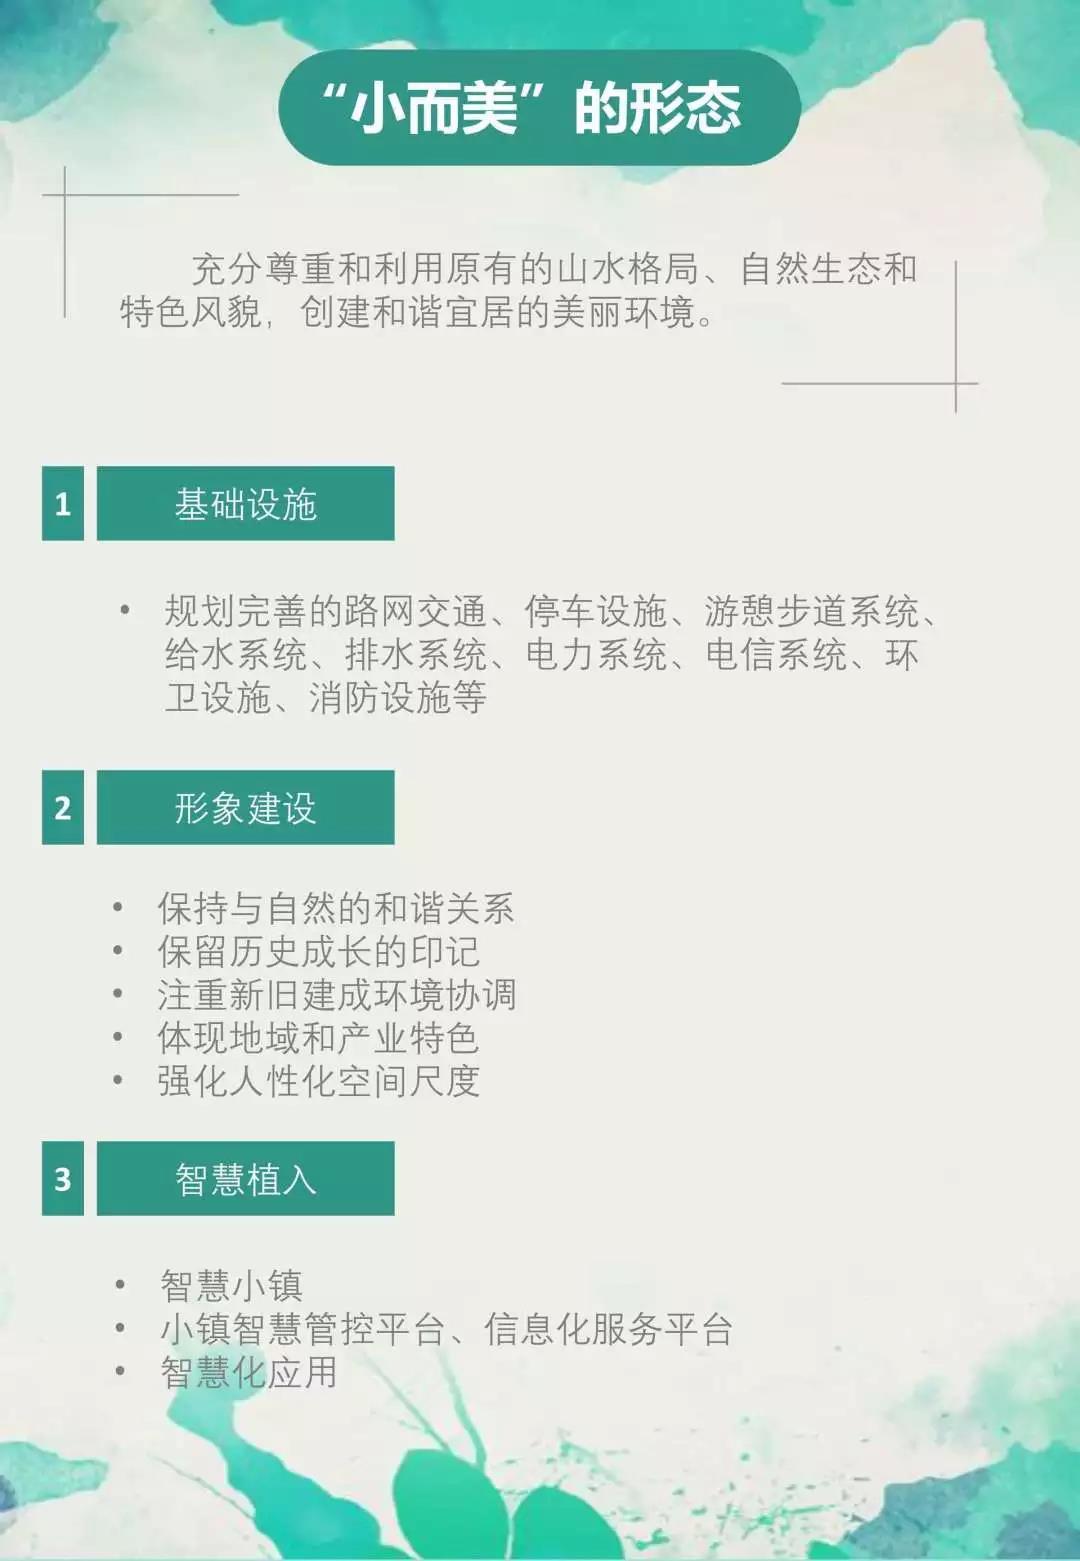 最新出台的全国首个特色小镇创建规划指南长啥样?-中国网地产